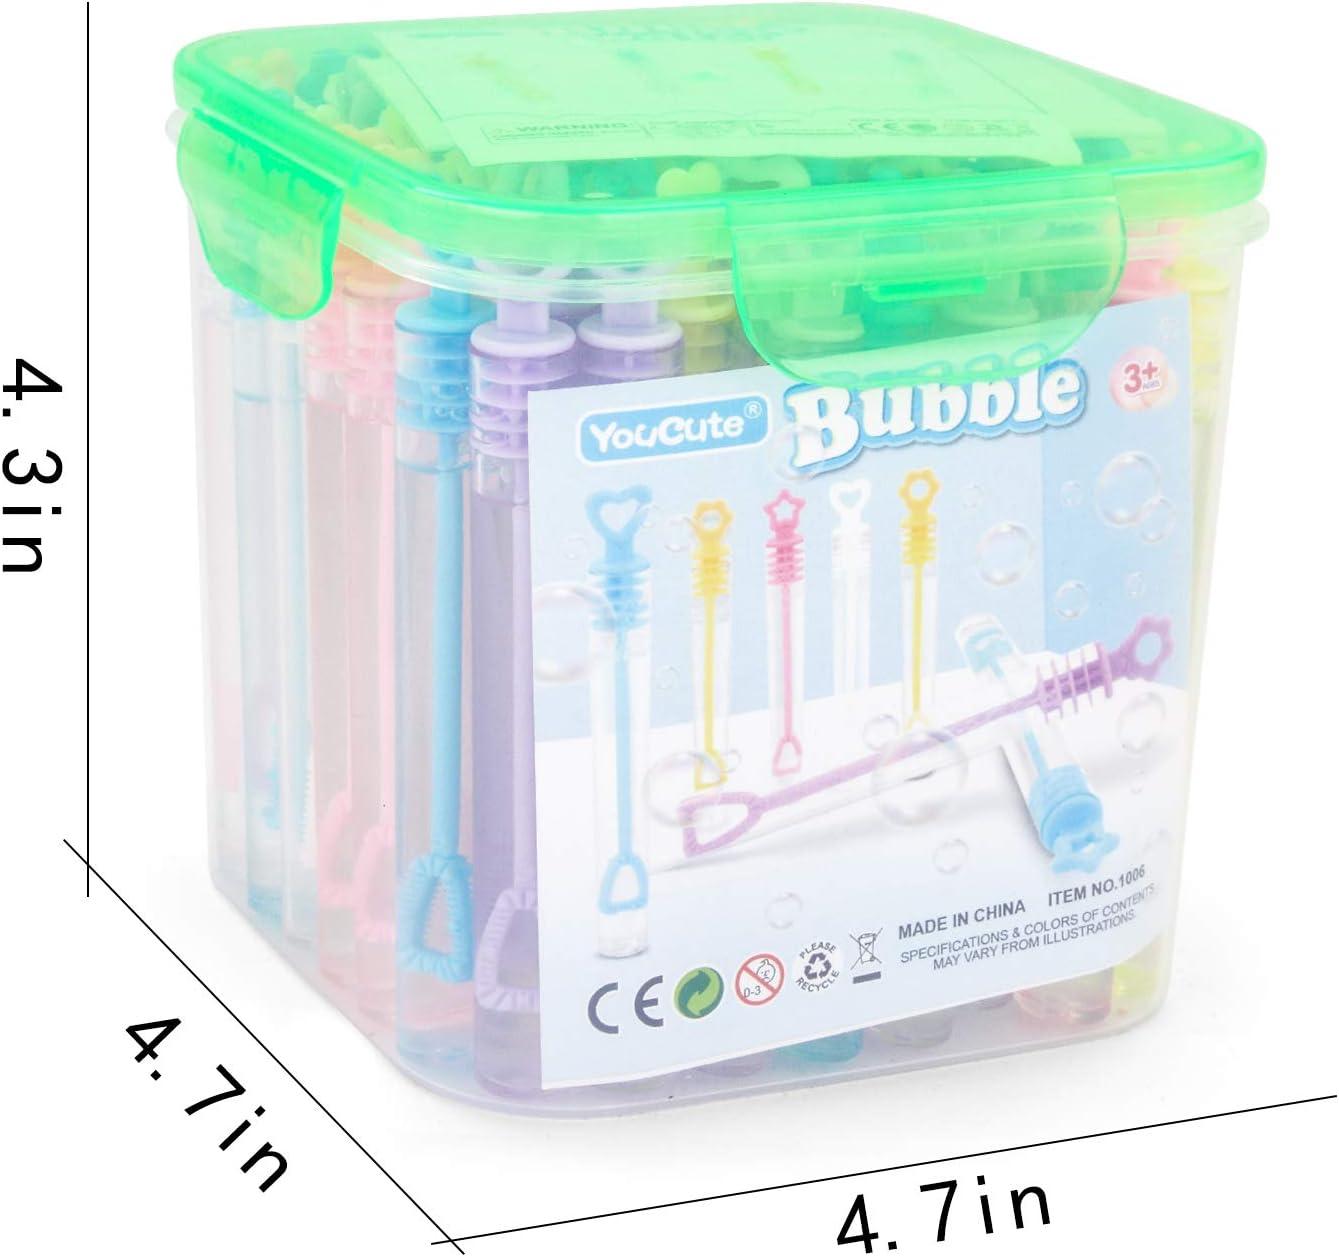 Amazon.com: YouCute Mini Varita de burbujas, 70 unidades ...